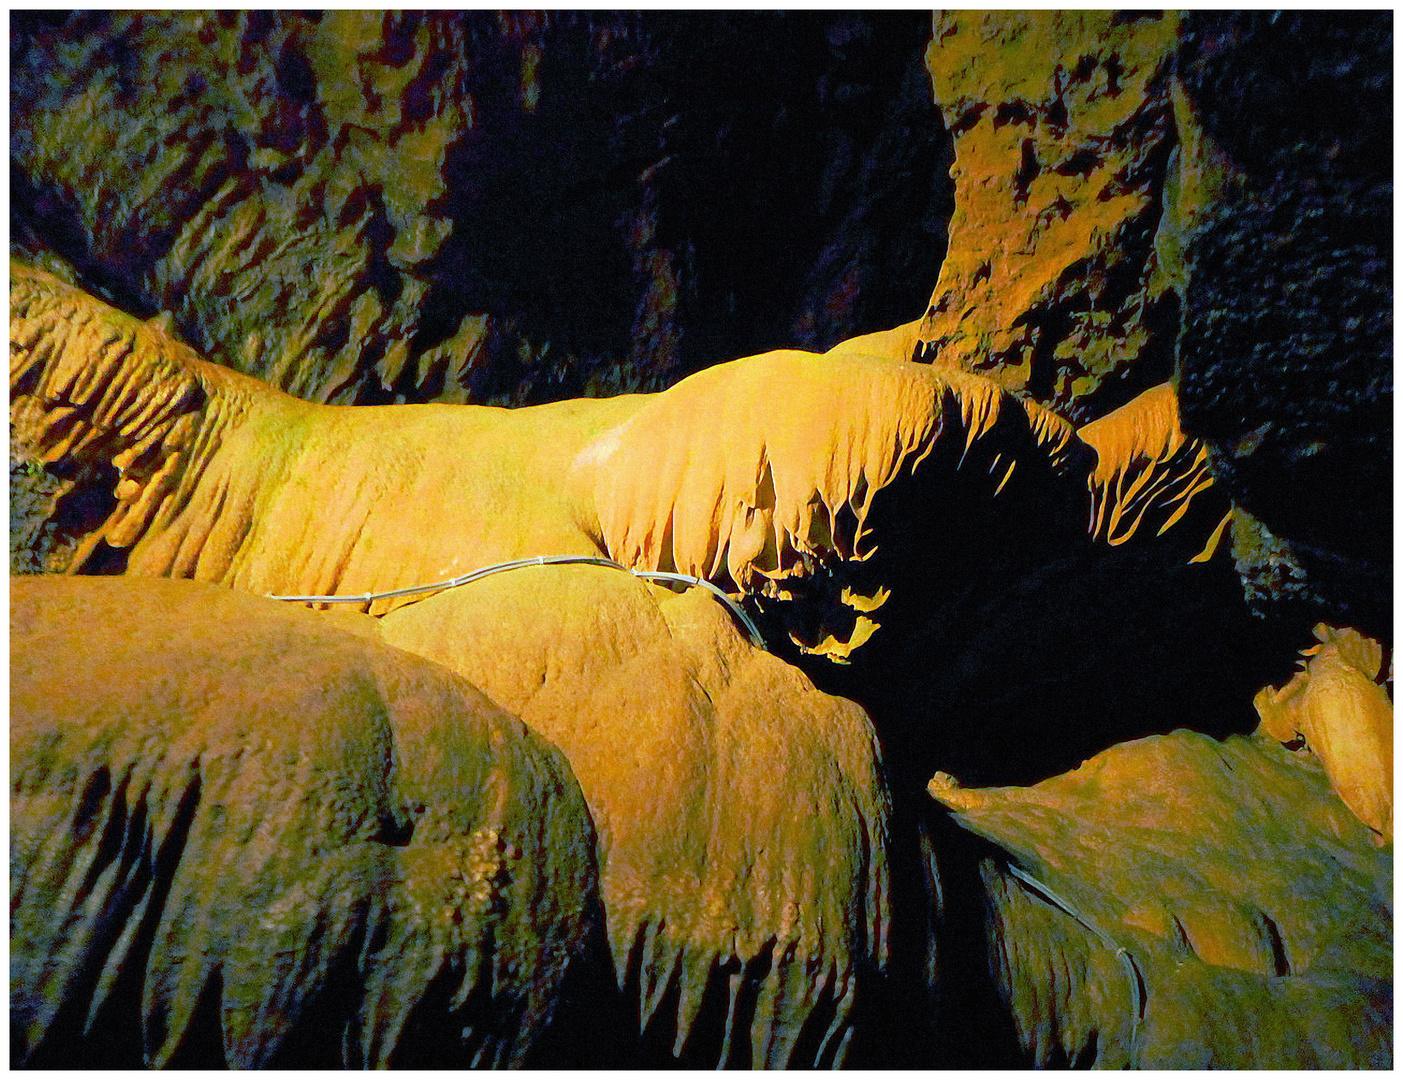 Gesteinsformationen in der Unterwelt